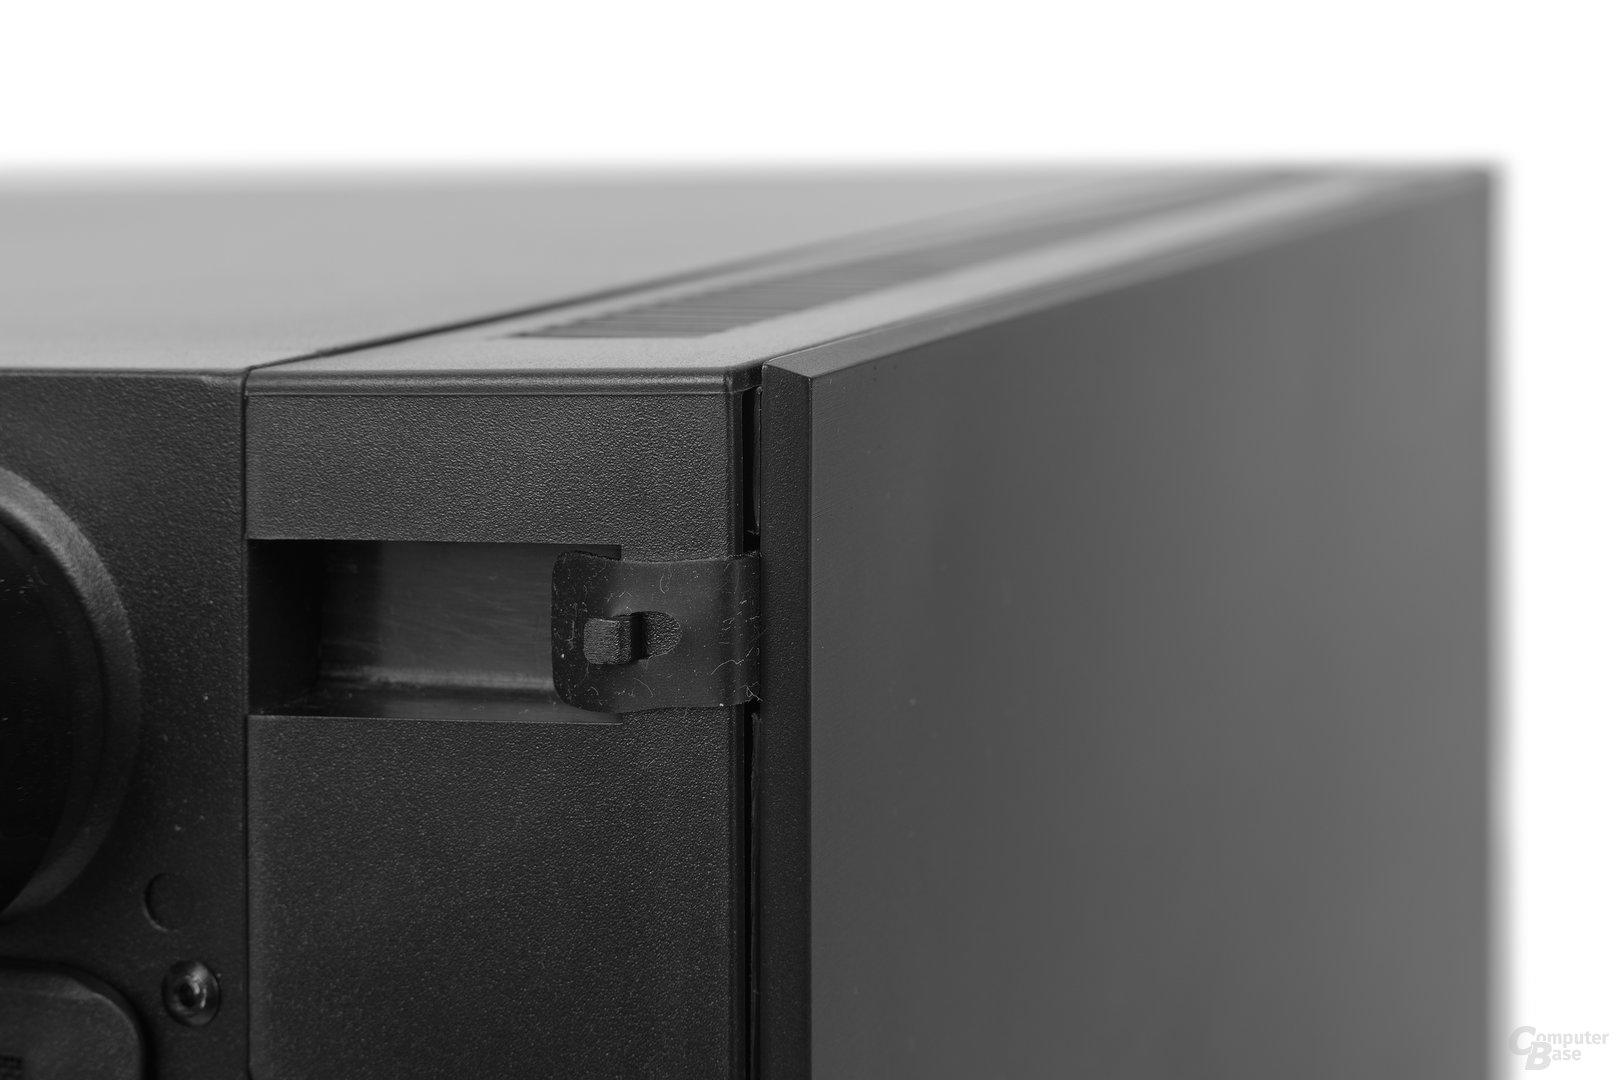 Thermaltake Suppressor F31 – Lasche verhindert öffnen der Fronttür